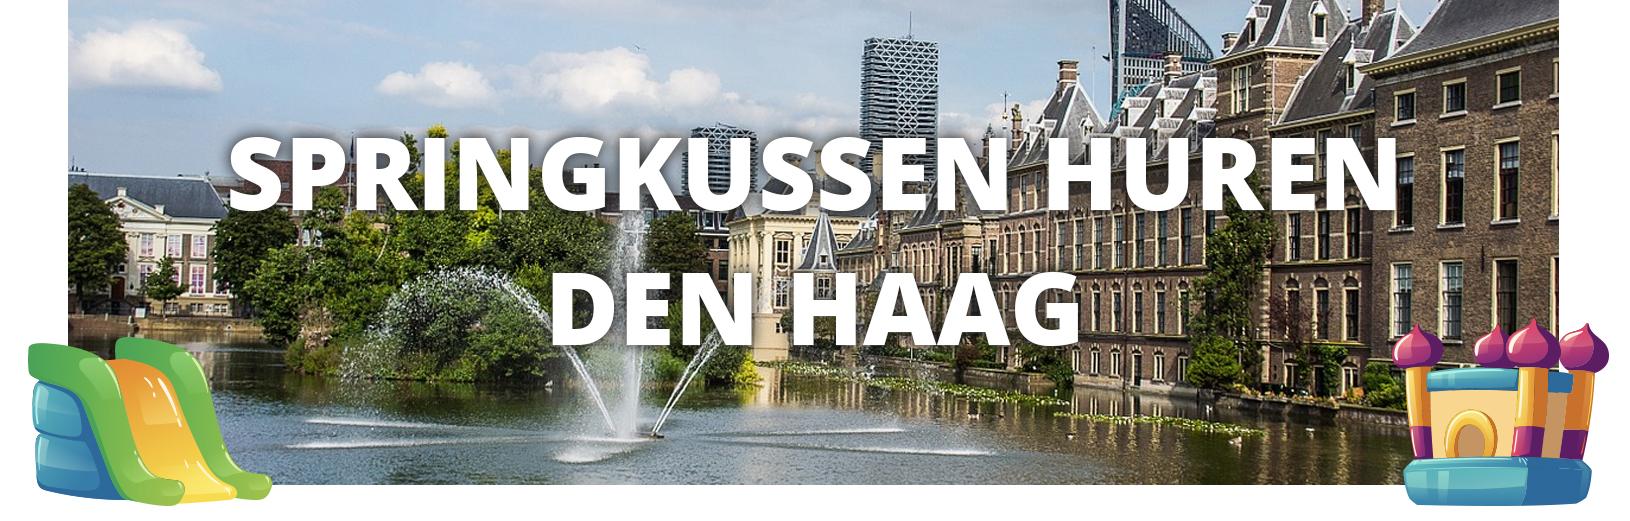 Springkussen huren Den Haag